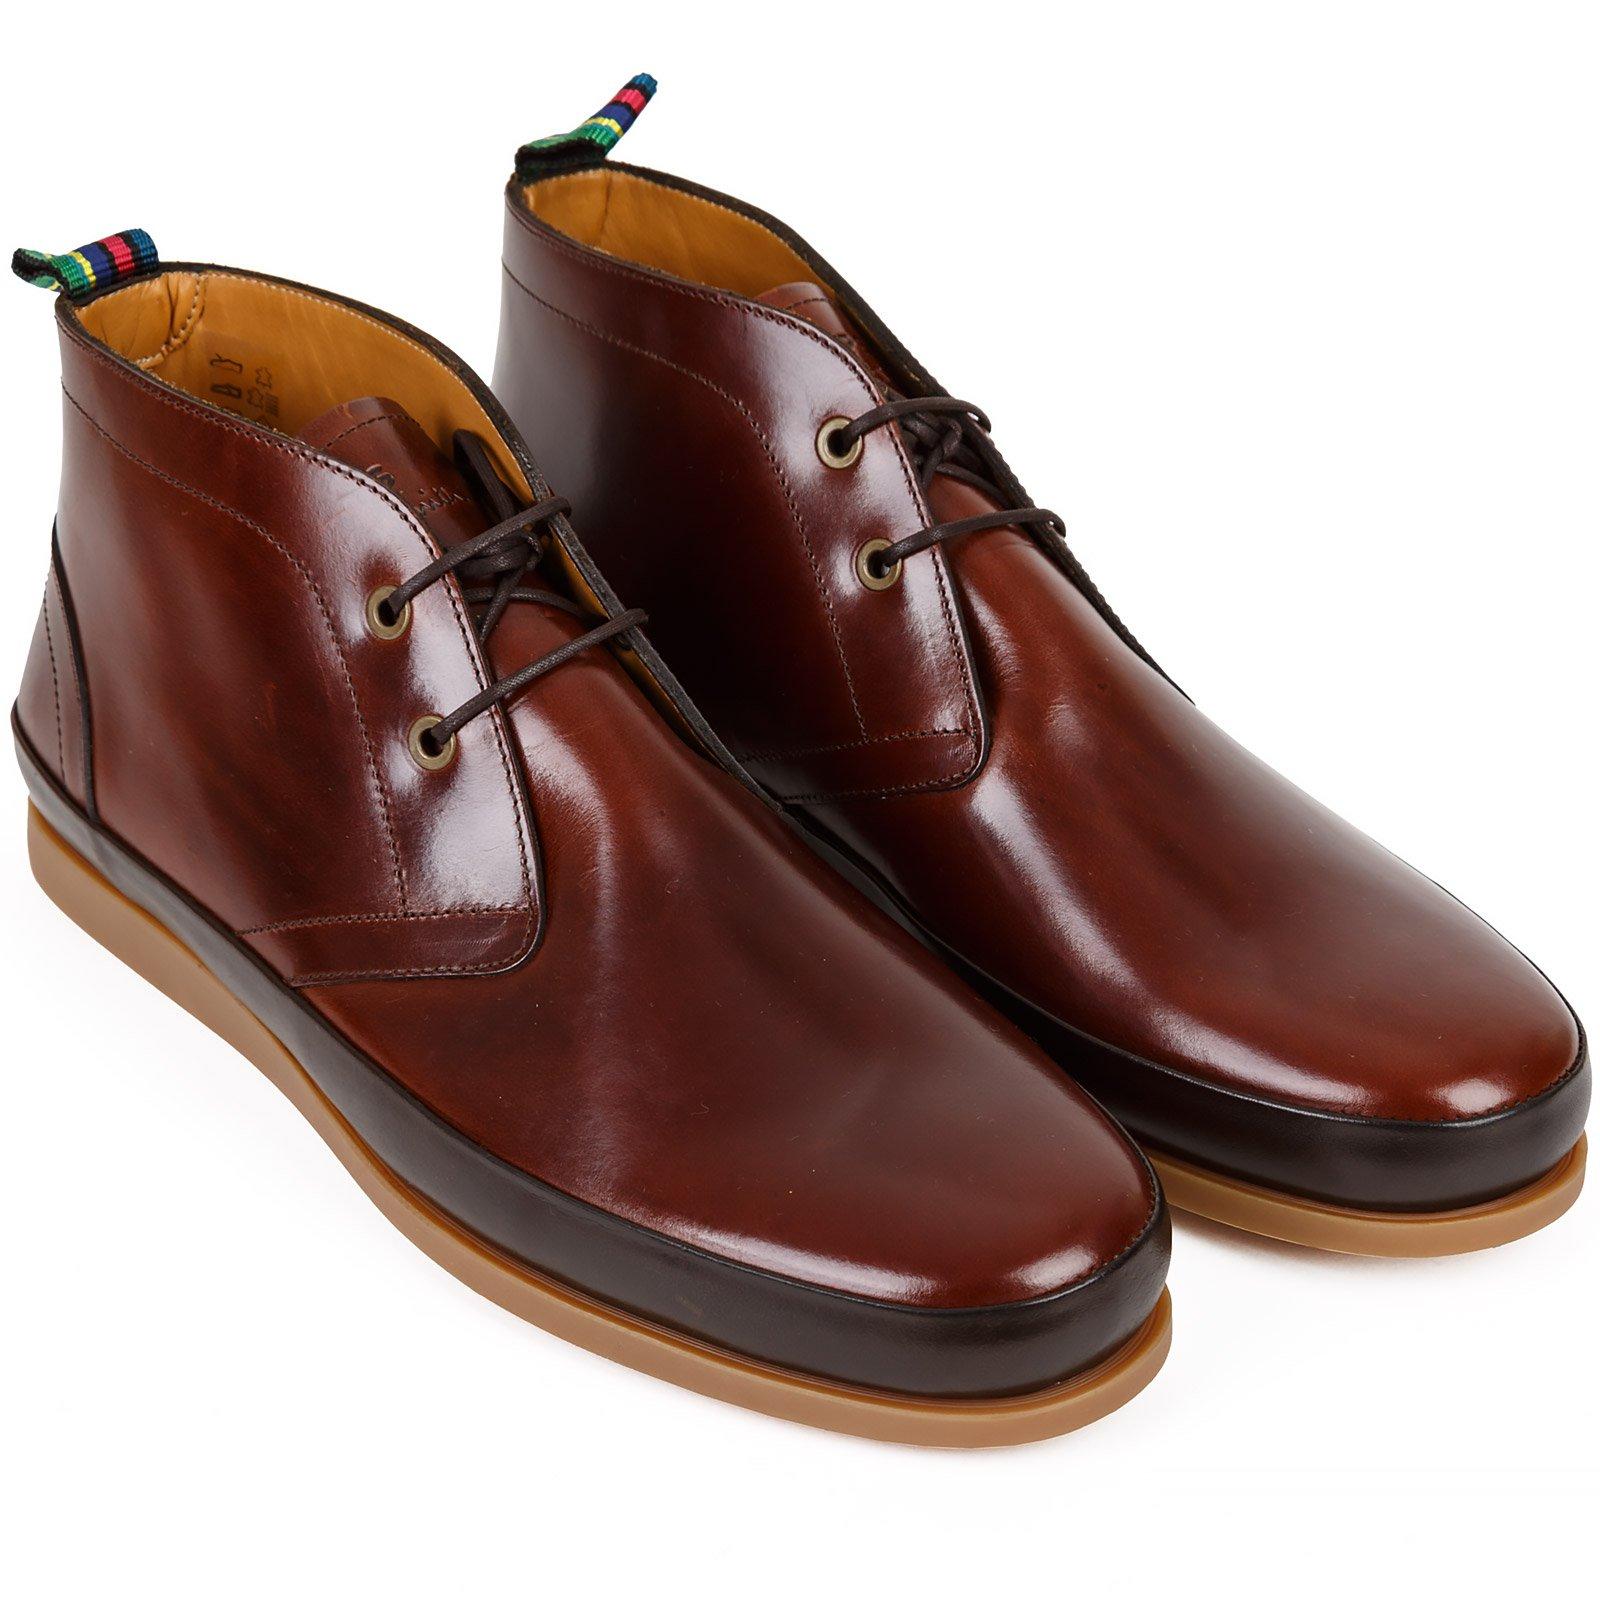 paul smith chukka boots sale